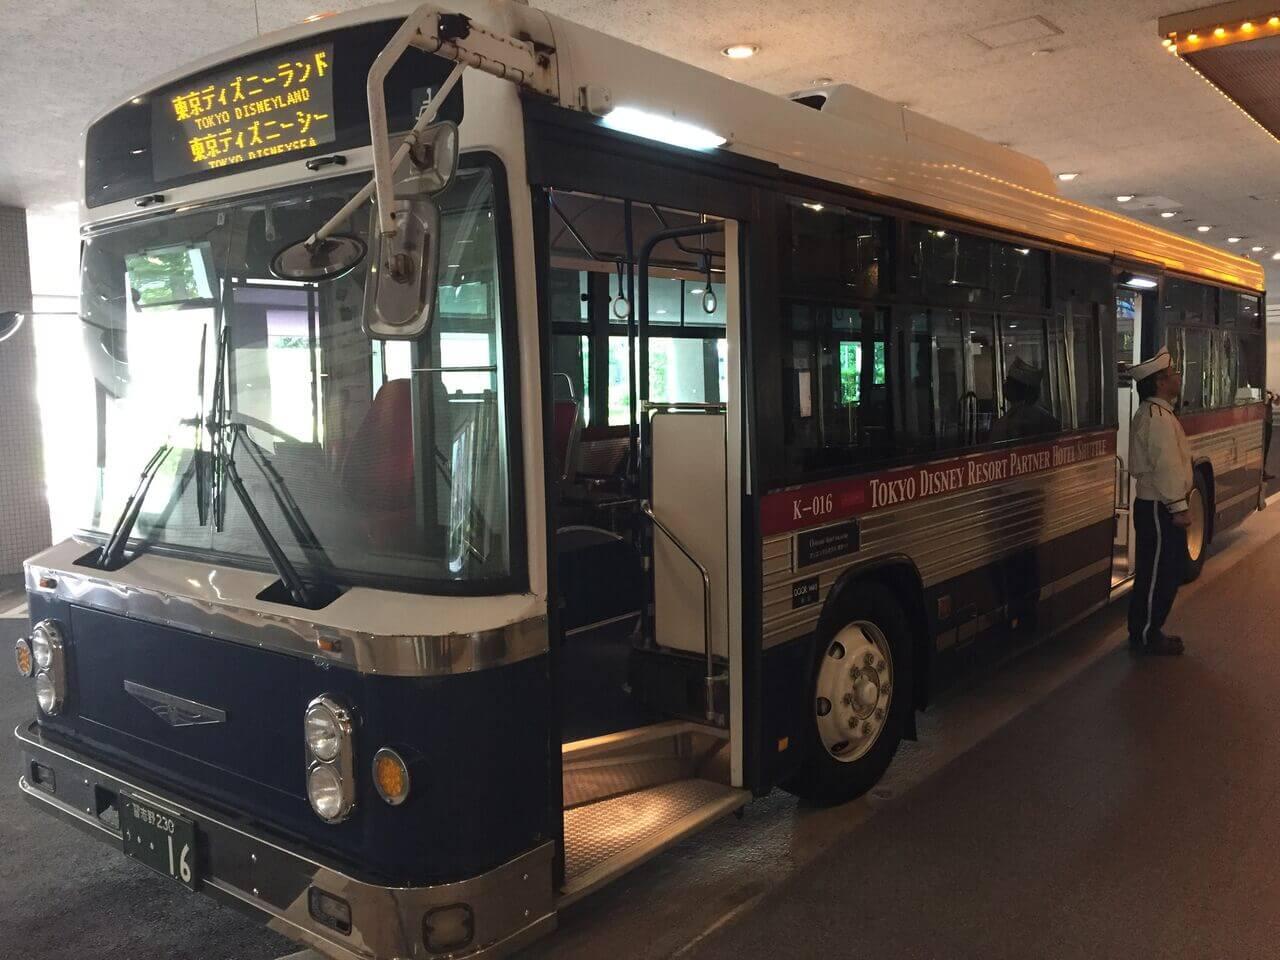 無料のシャトルバスで、いざディズニーランドへ!